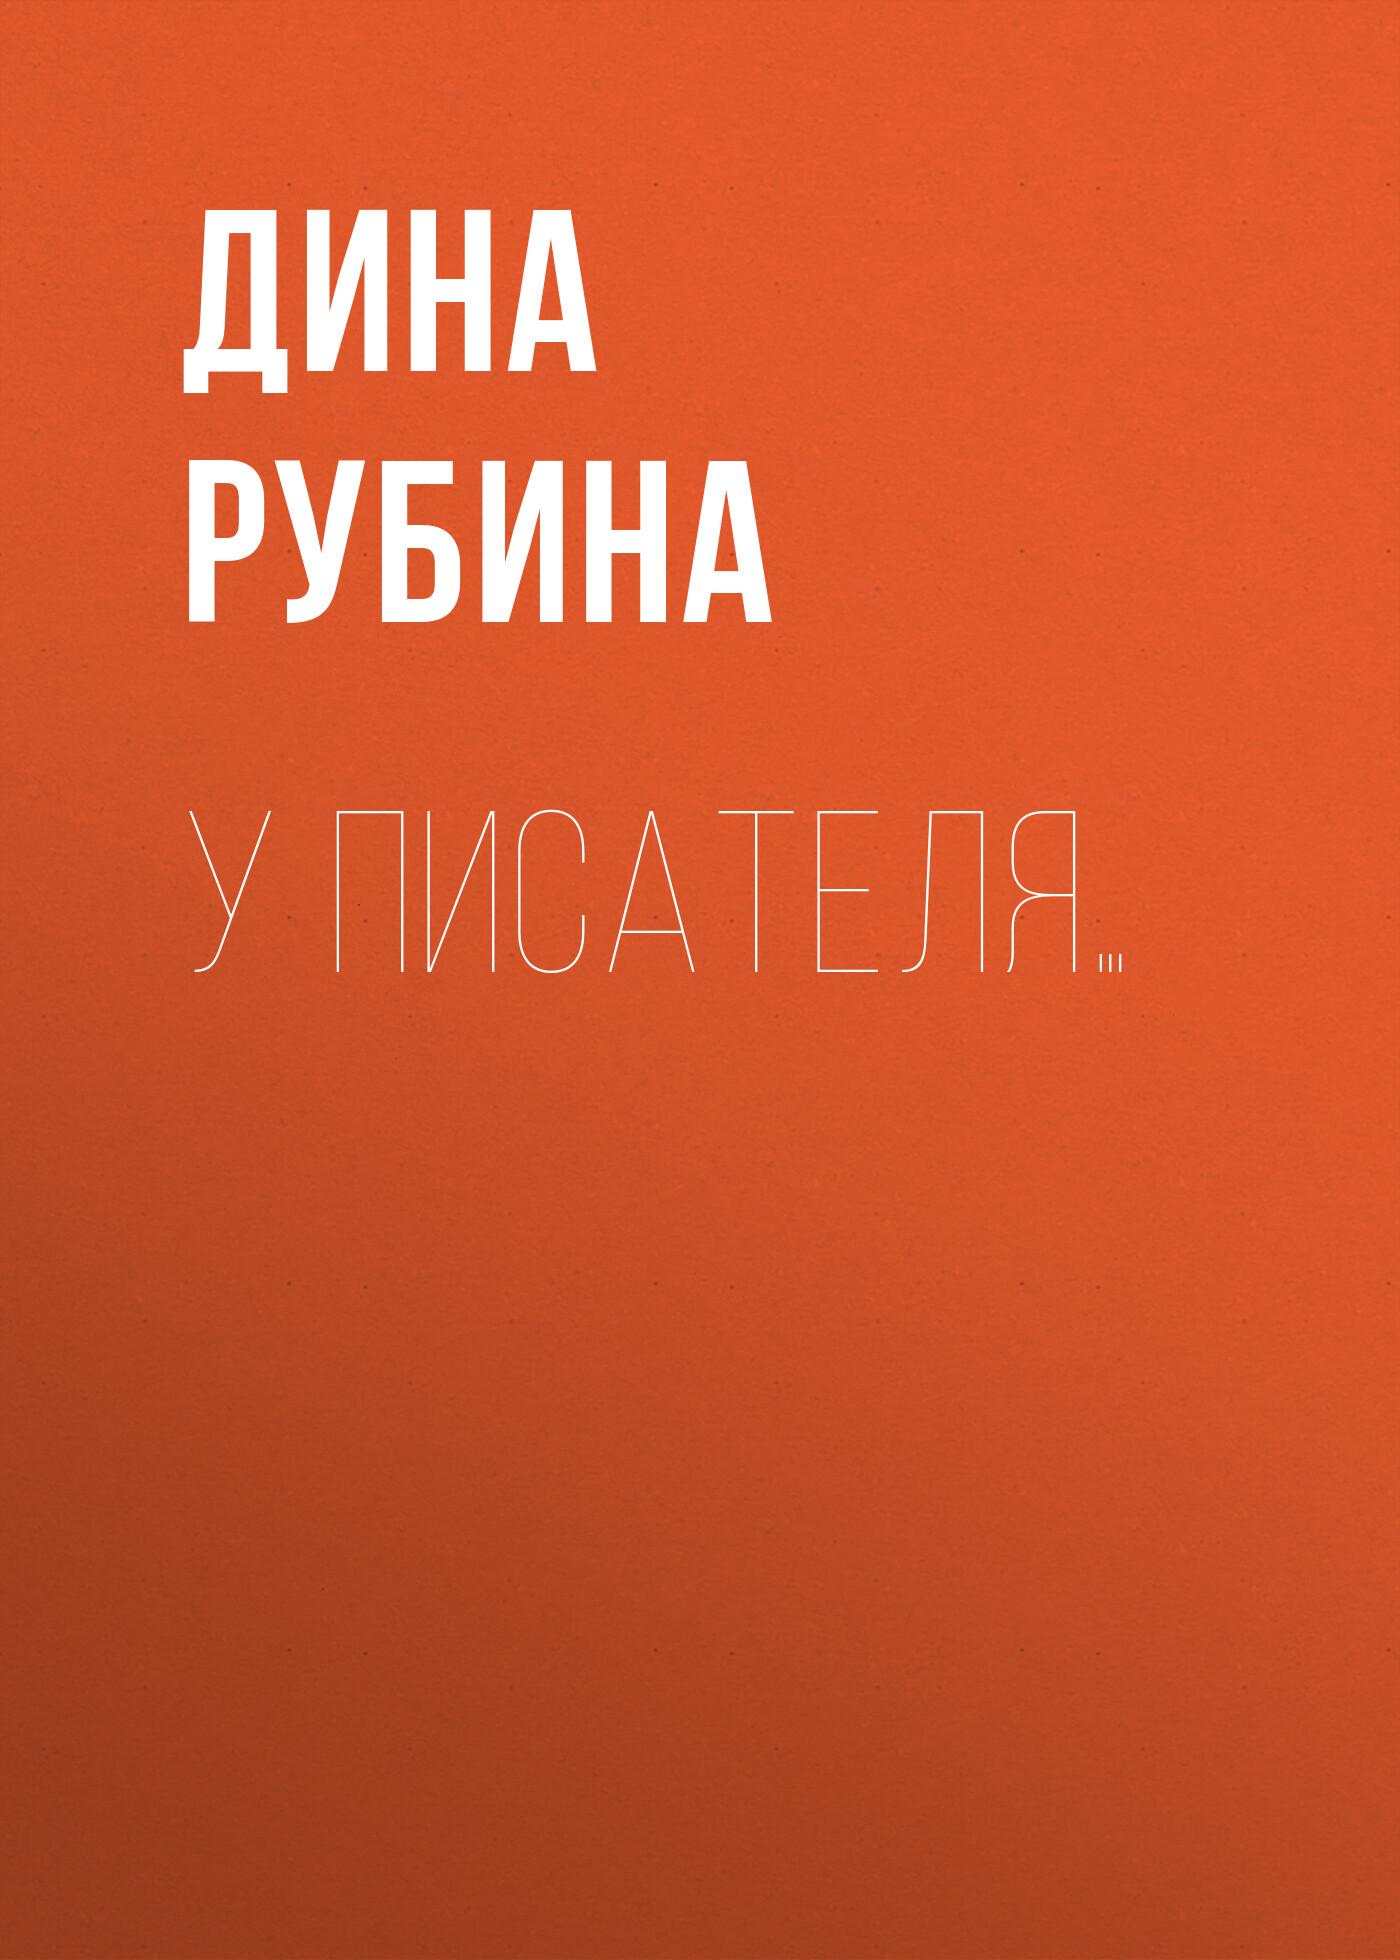 Дина Рубина У писателя… дина рубина …их бин нервосо сборник